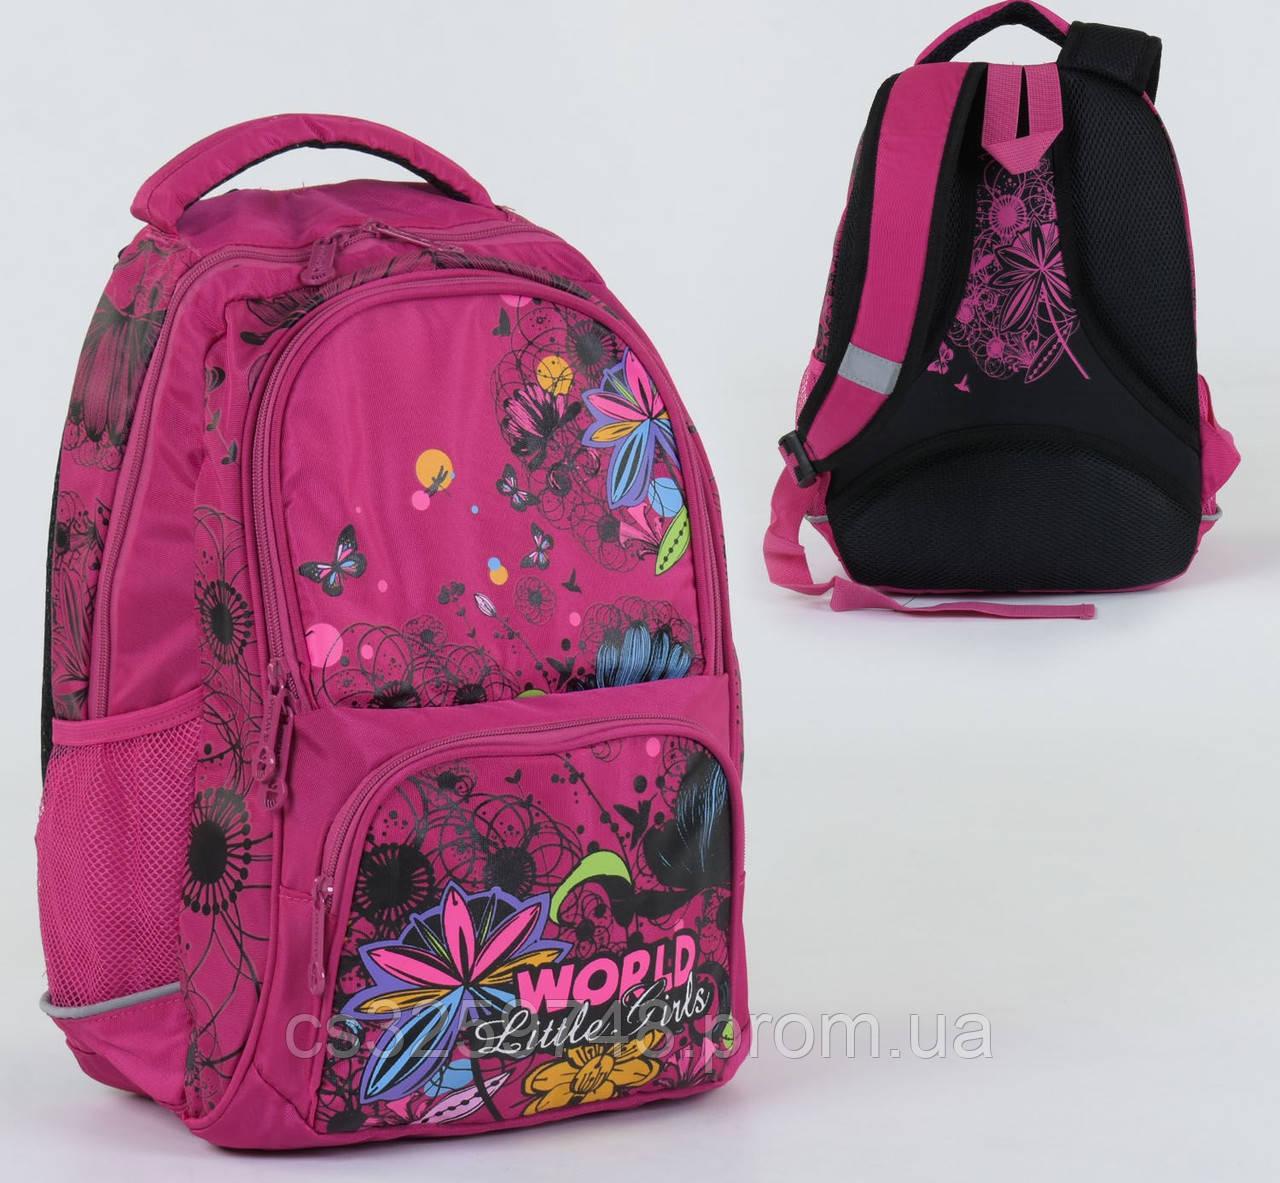 Школьный рюкзак С 36255 с ортопедической спинкой на 2 больших отделения и 4 кармана, розовый